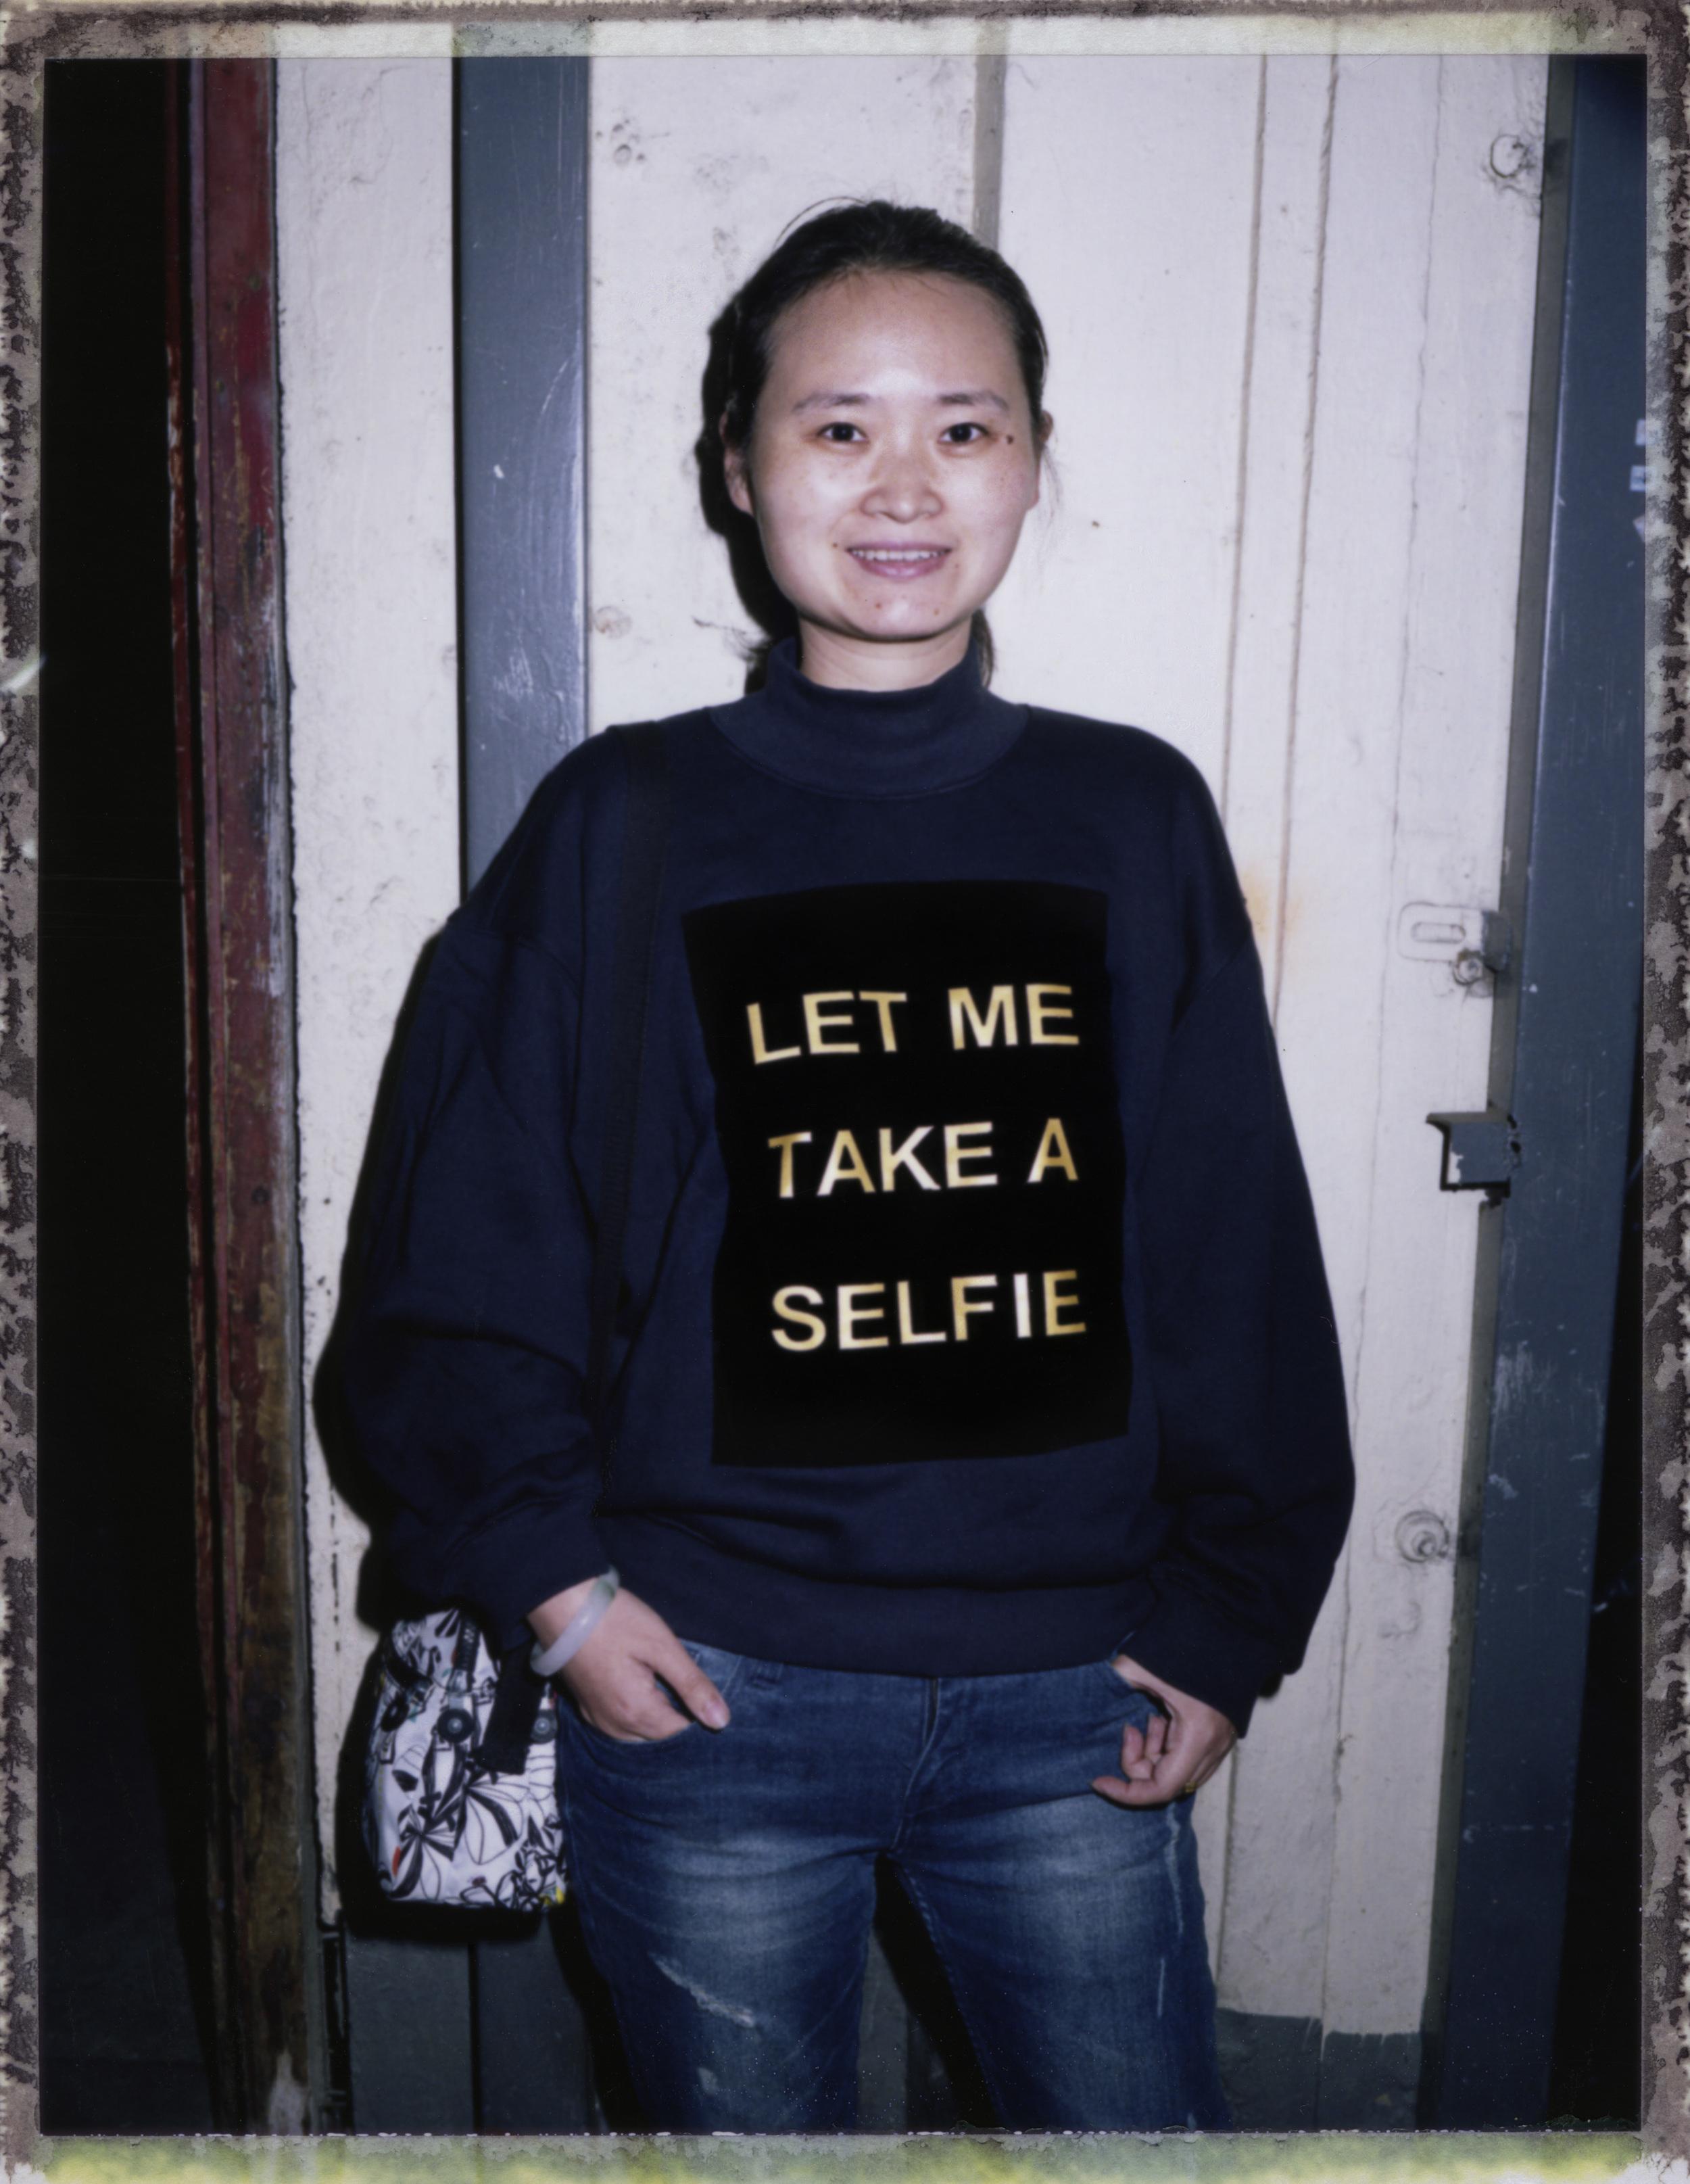 Let me take the selfie.jpg